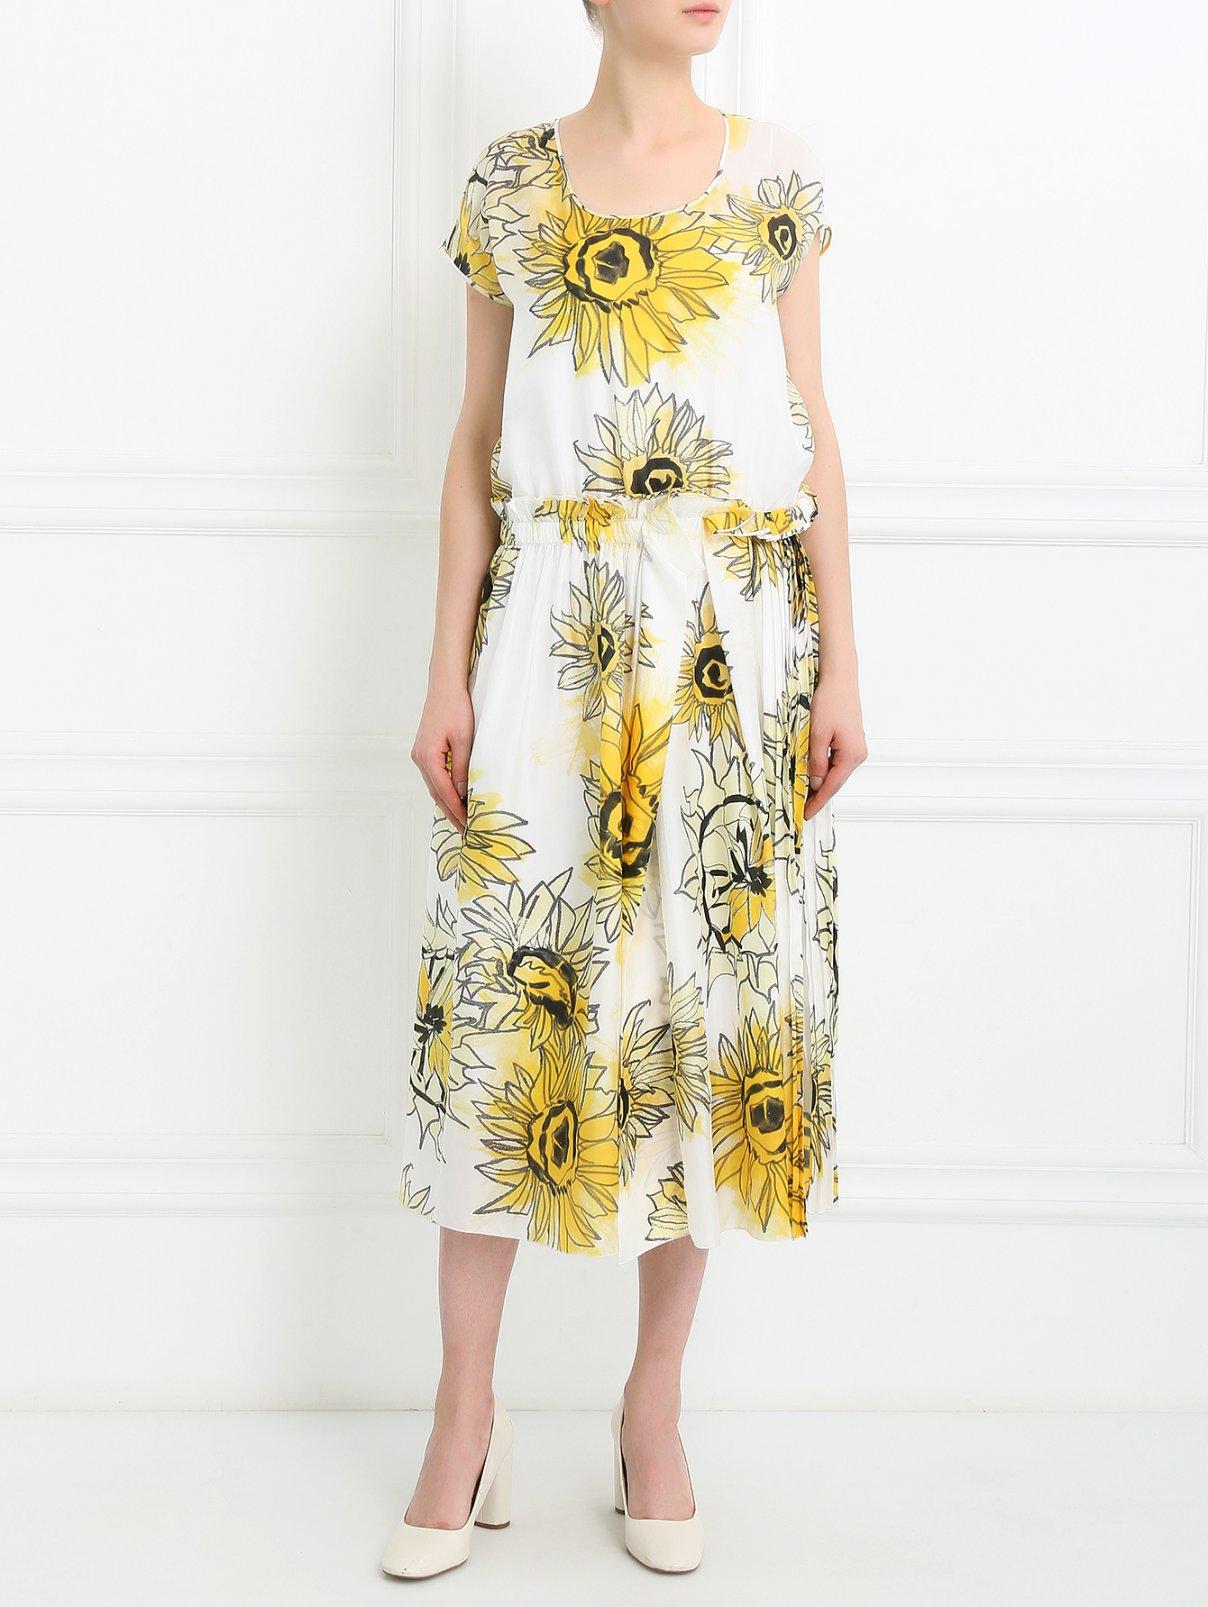 Платье из шелка с плиссированной юбкой N21  –  Модель Общий вид  – Цвет:  Белый